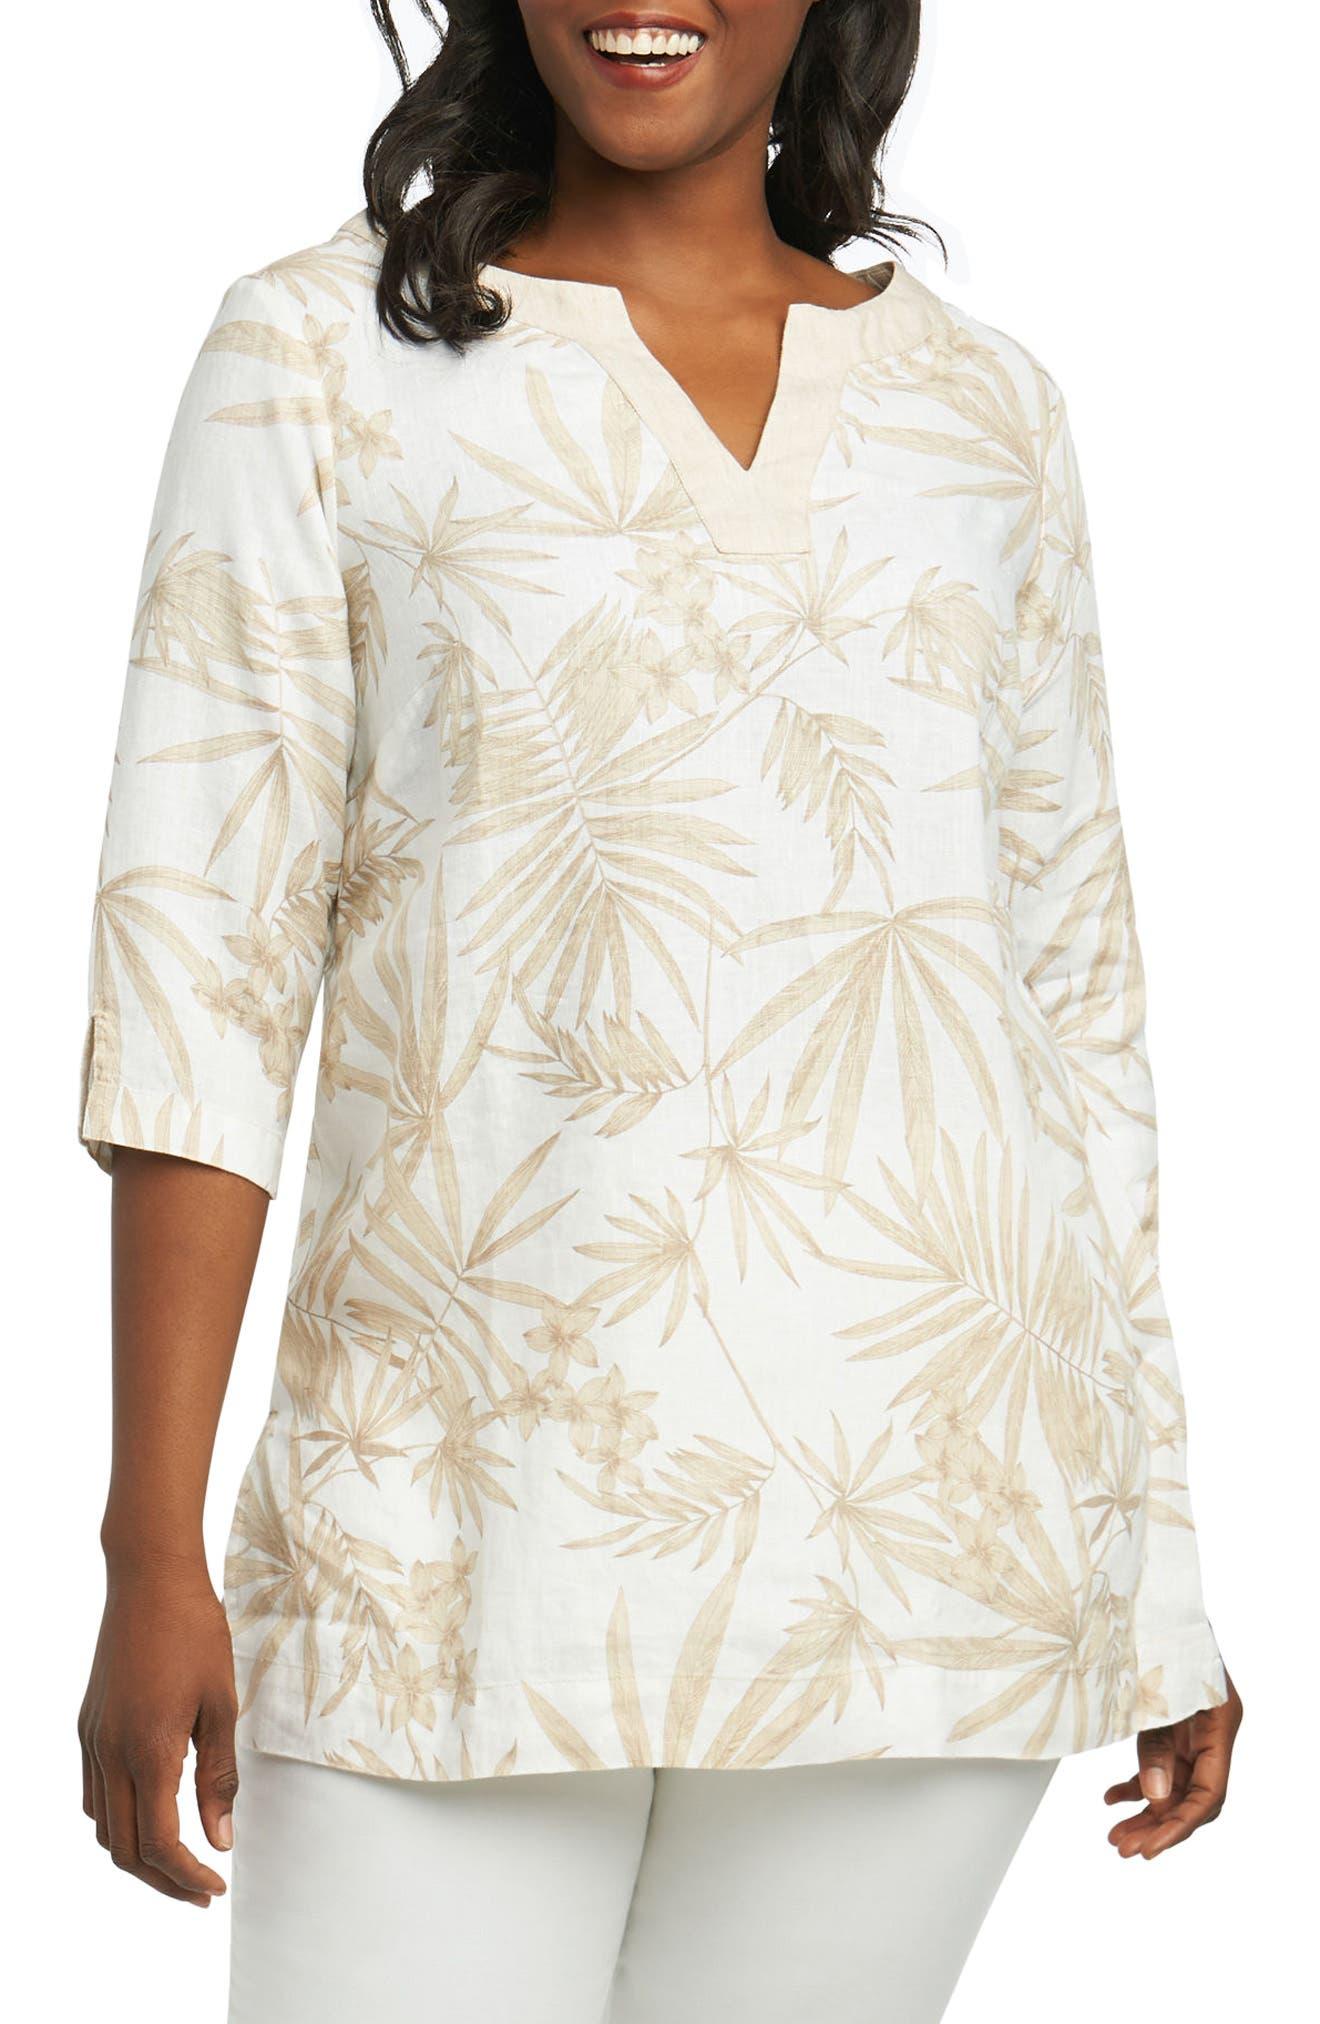 Toni Palm Linen Shirt,                             Main thumbnail 1, color,                             275